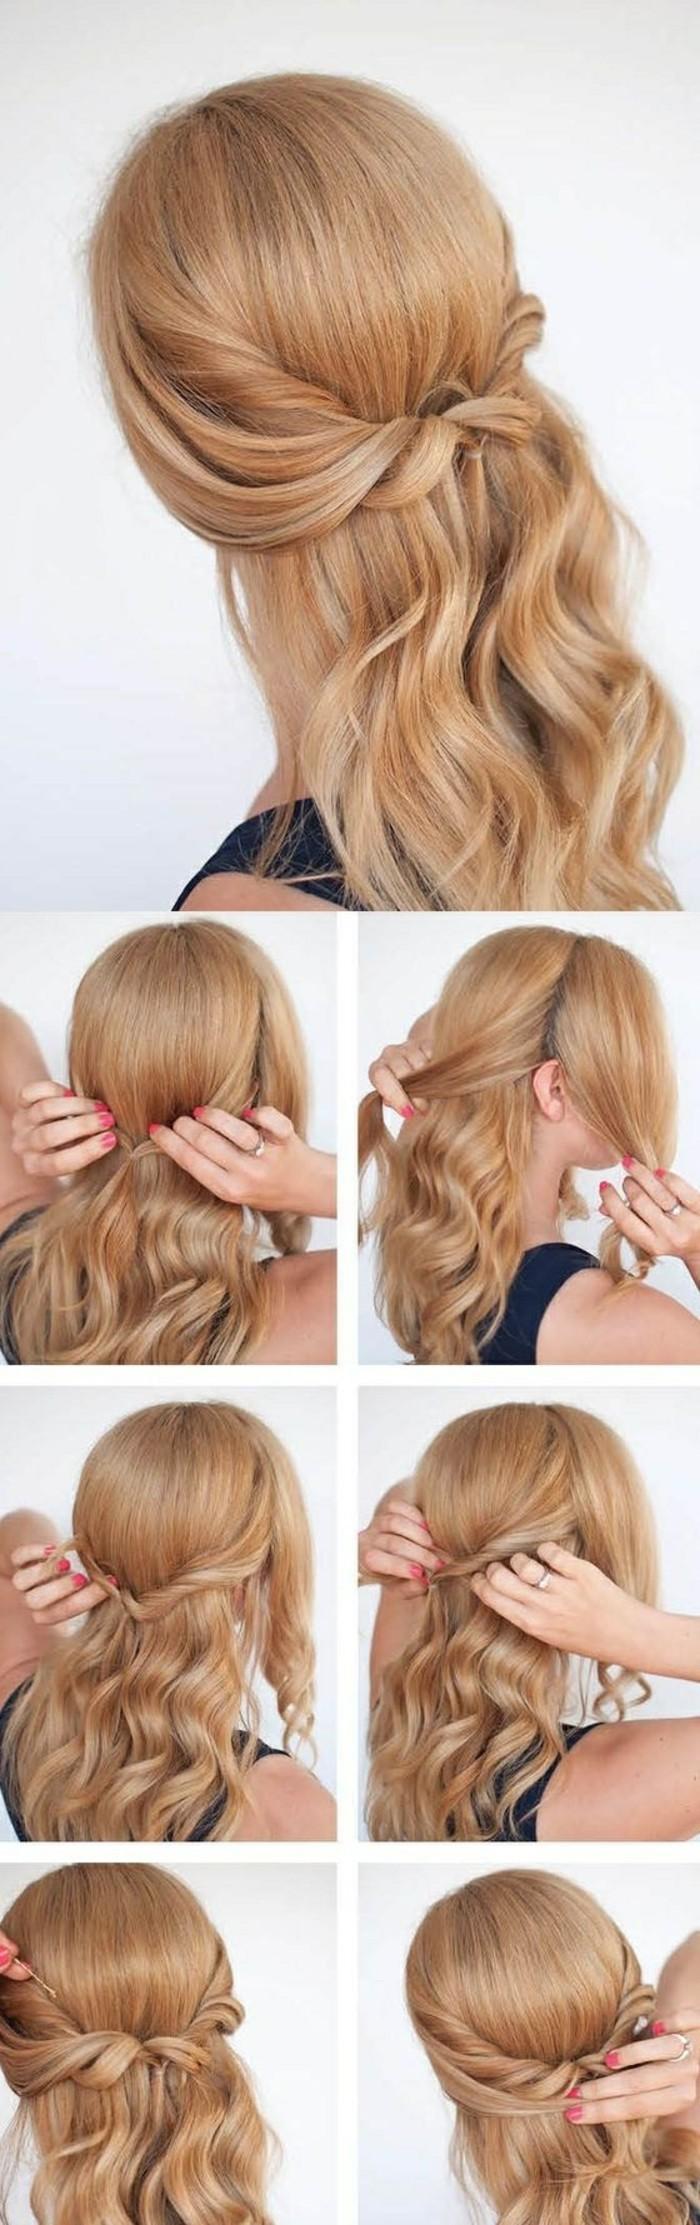 idée de demi queue de cheval avec des mèches entrecroisées en arrière de la tête de cheveux blond miel, coiffure avec boucles femme